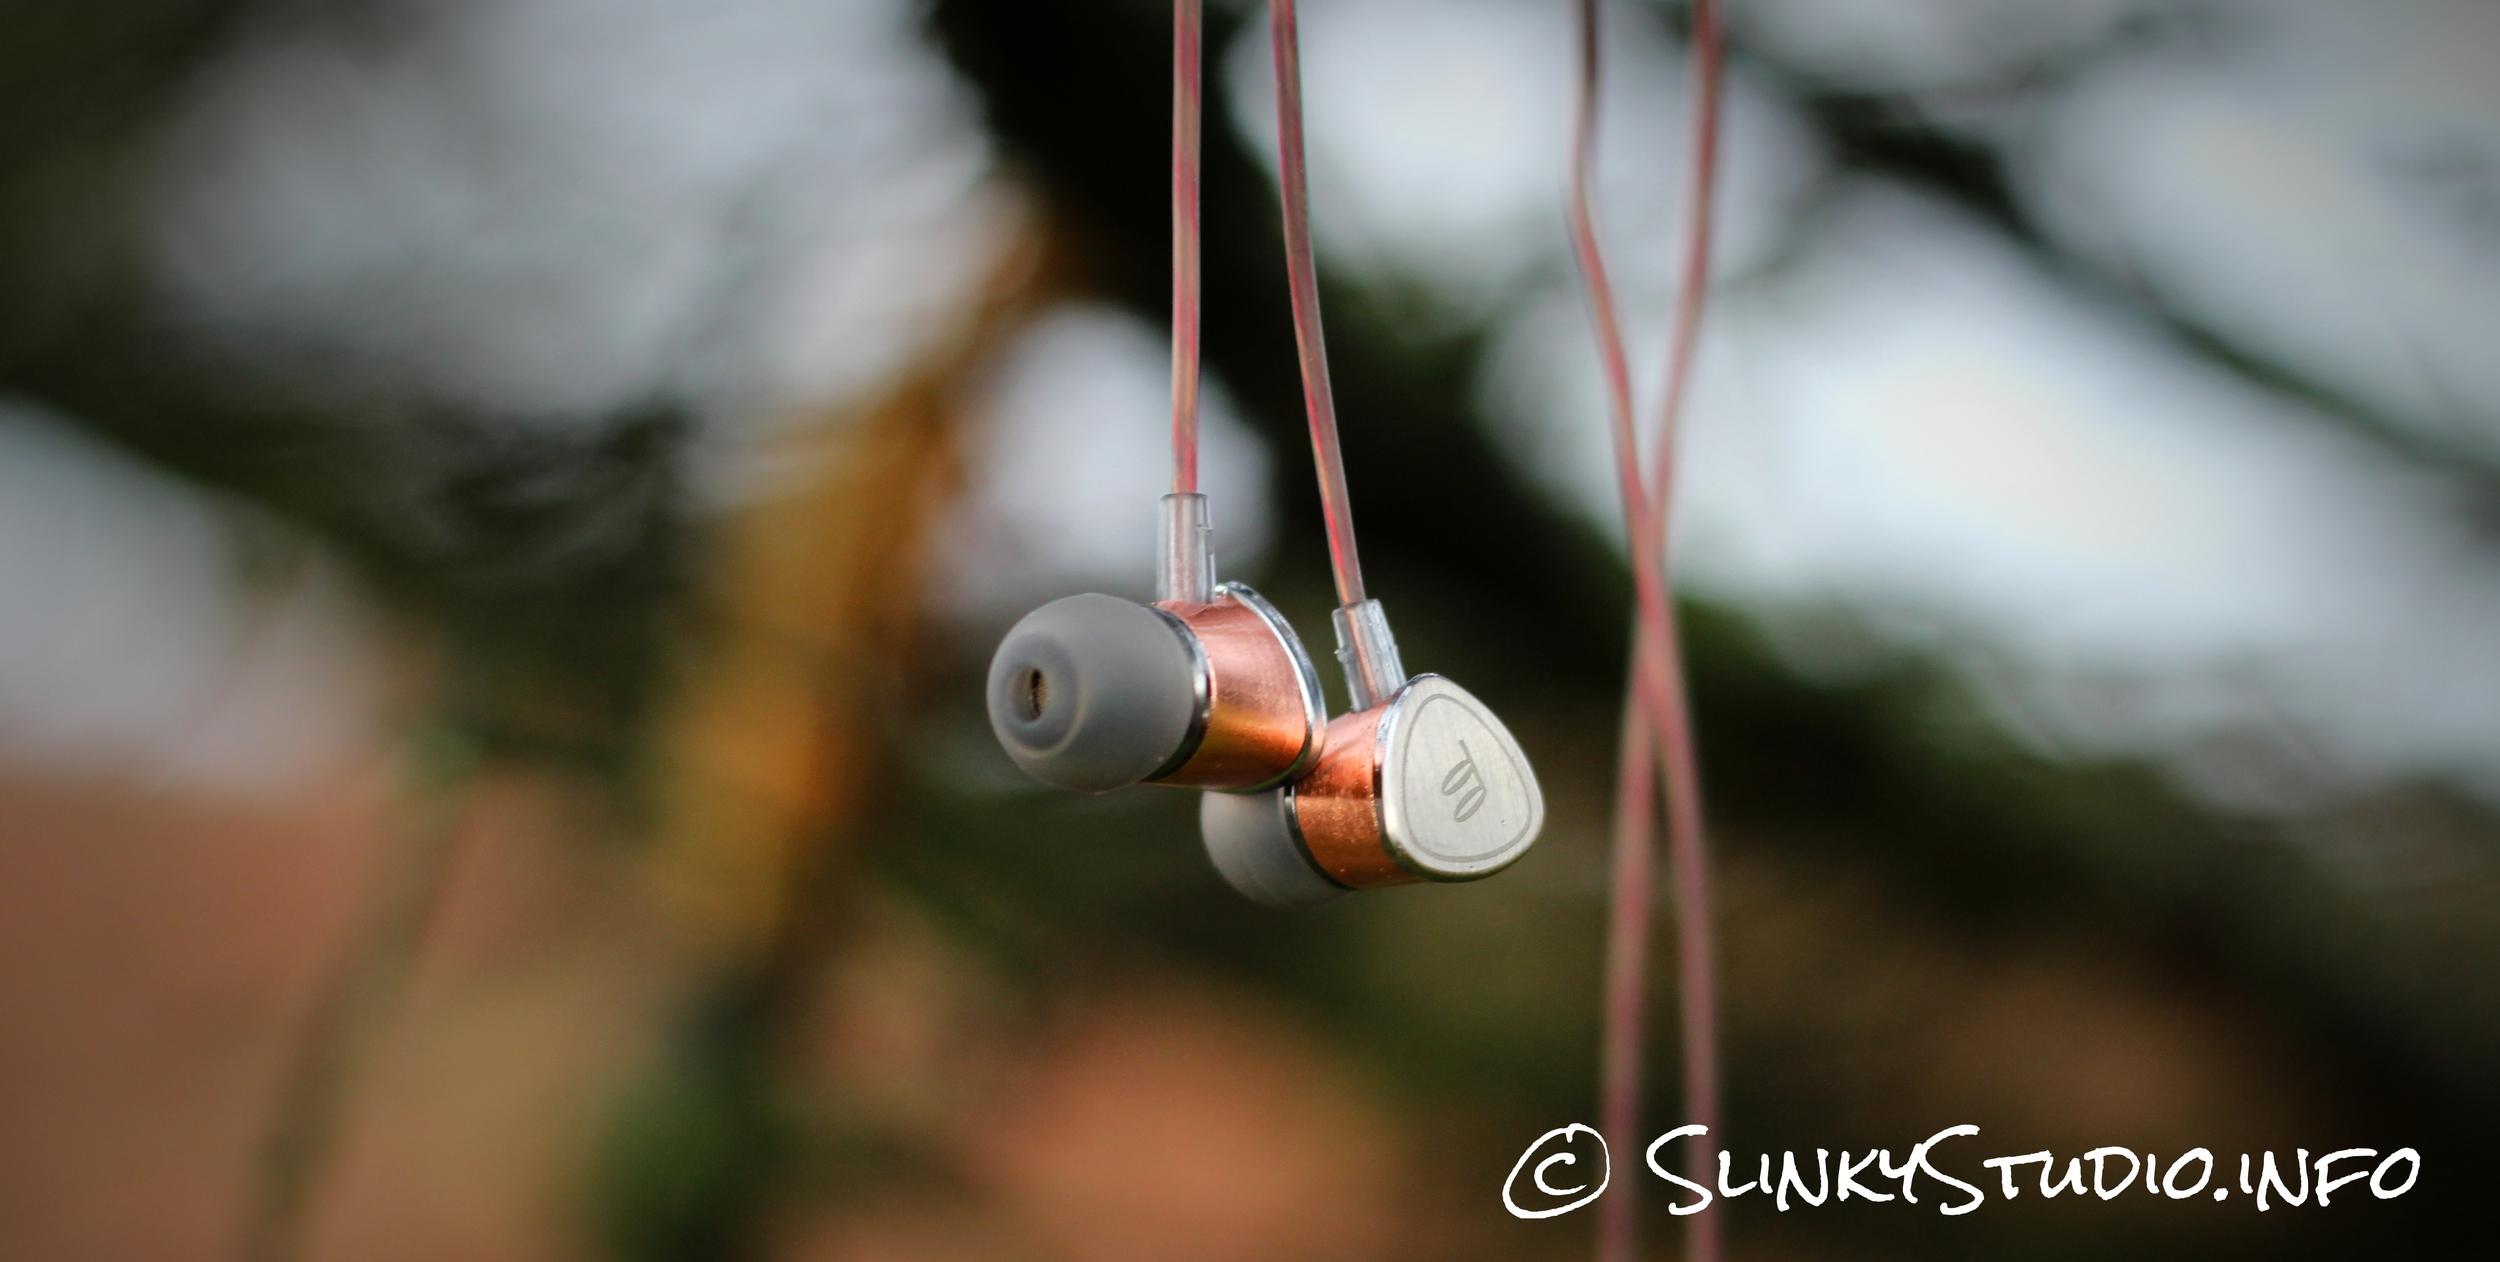 FIDUE A65 Earphones Dangling from Tree